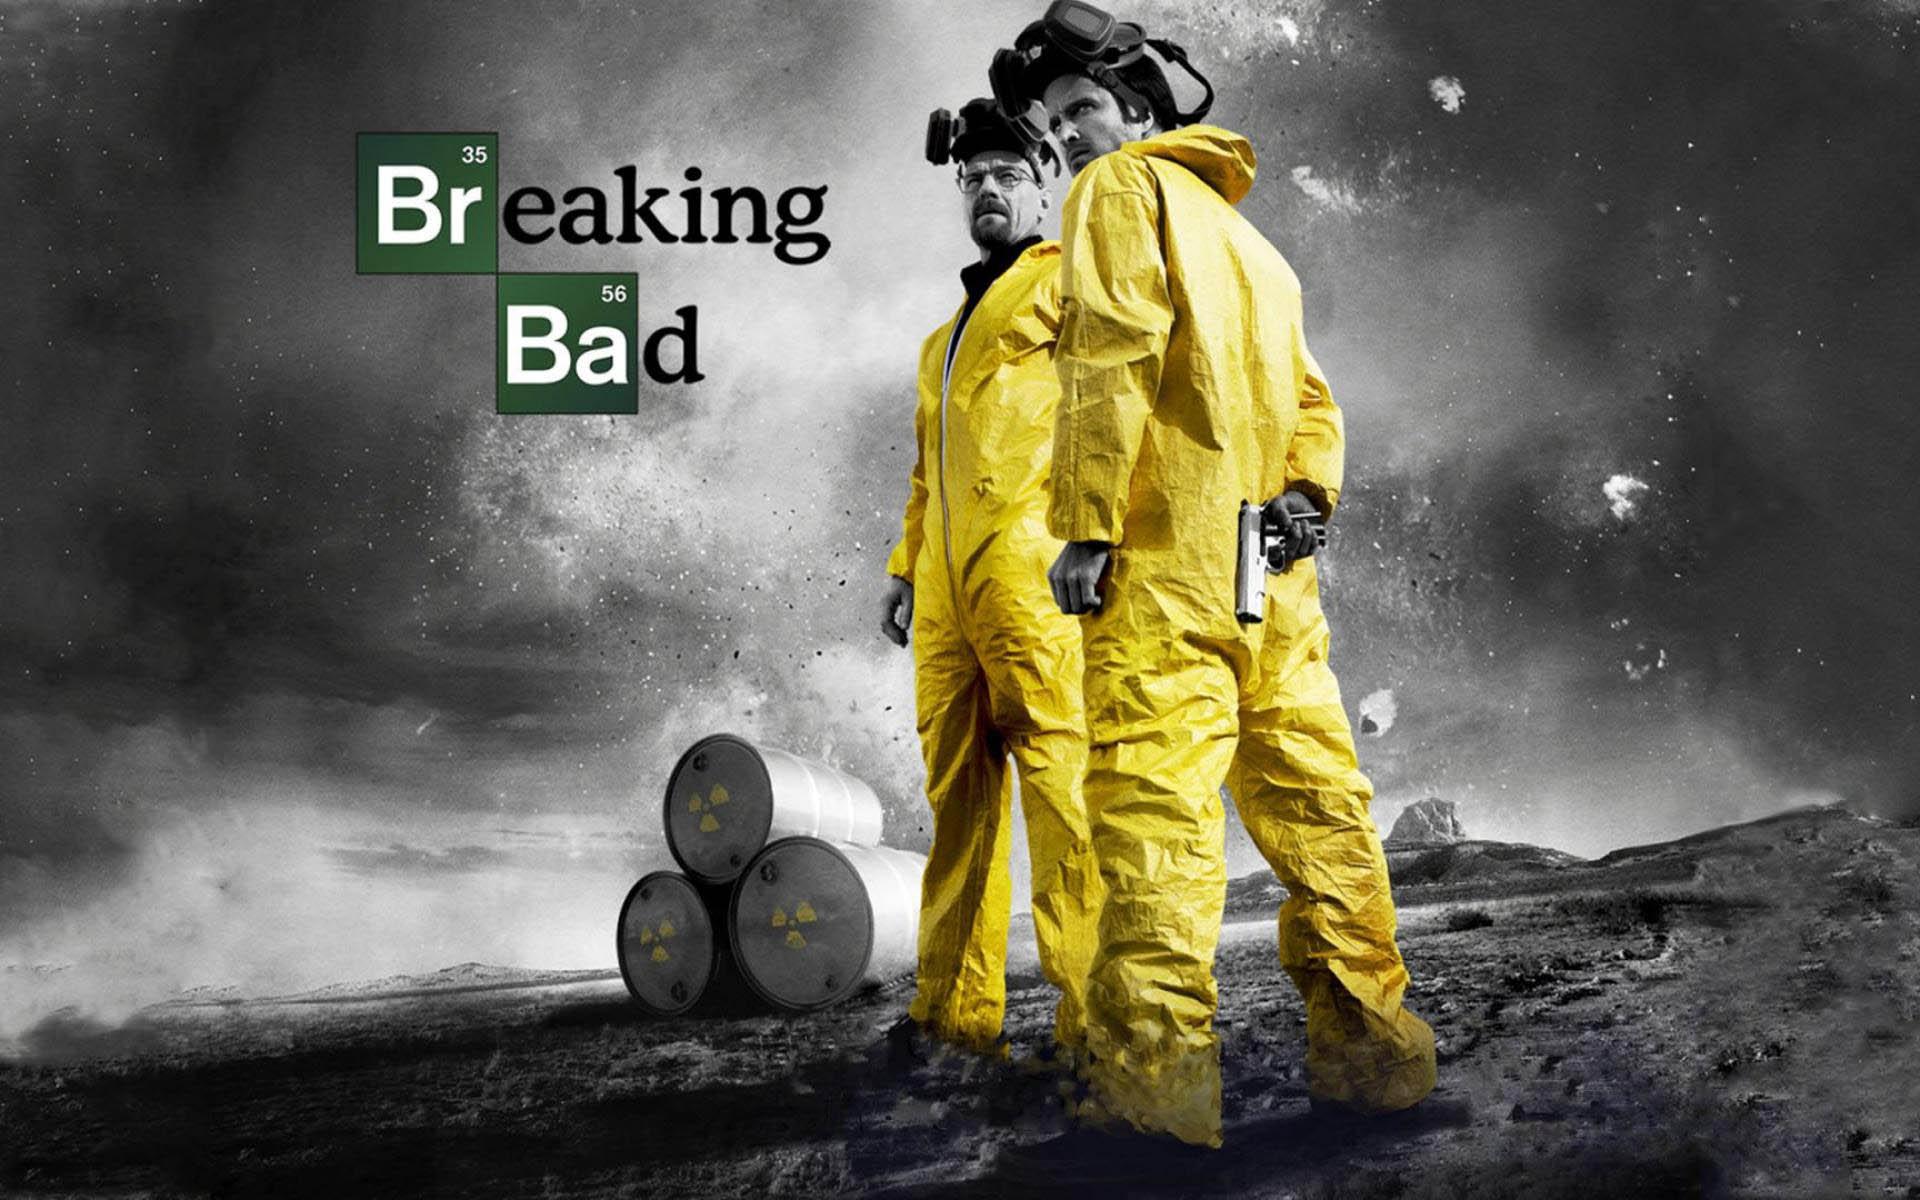 Breaking Bad wallpaper 1